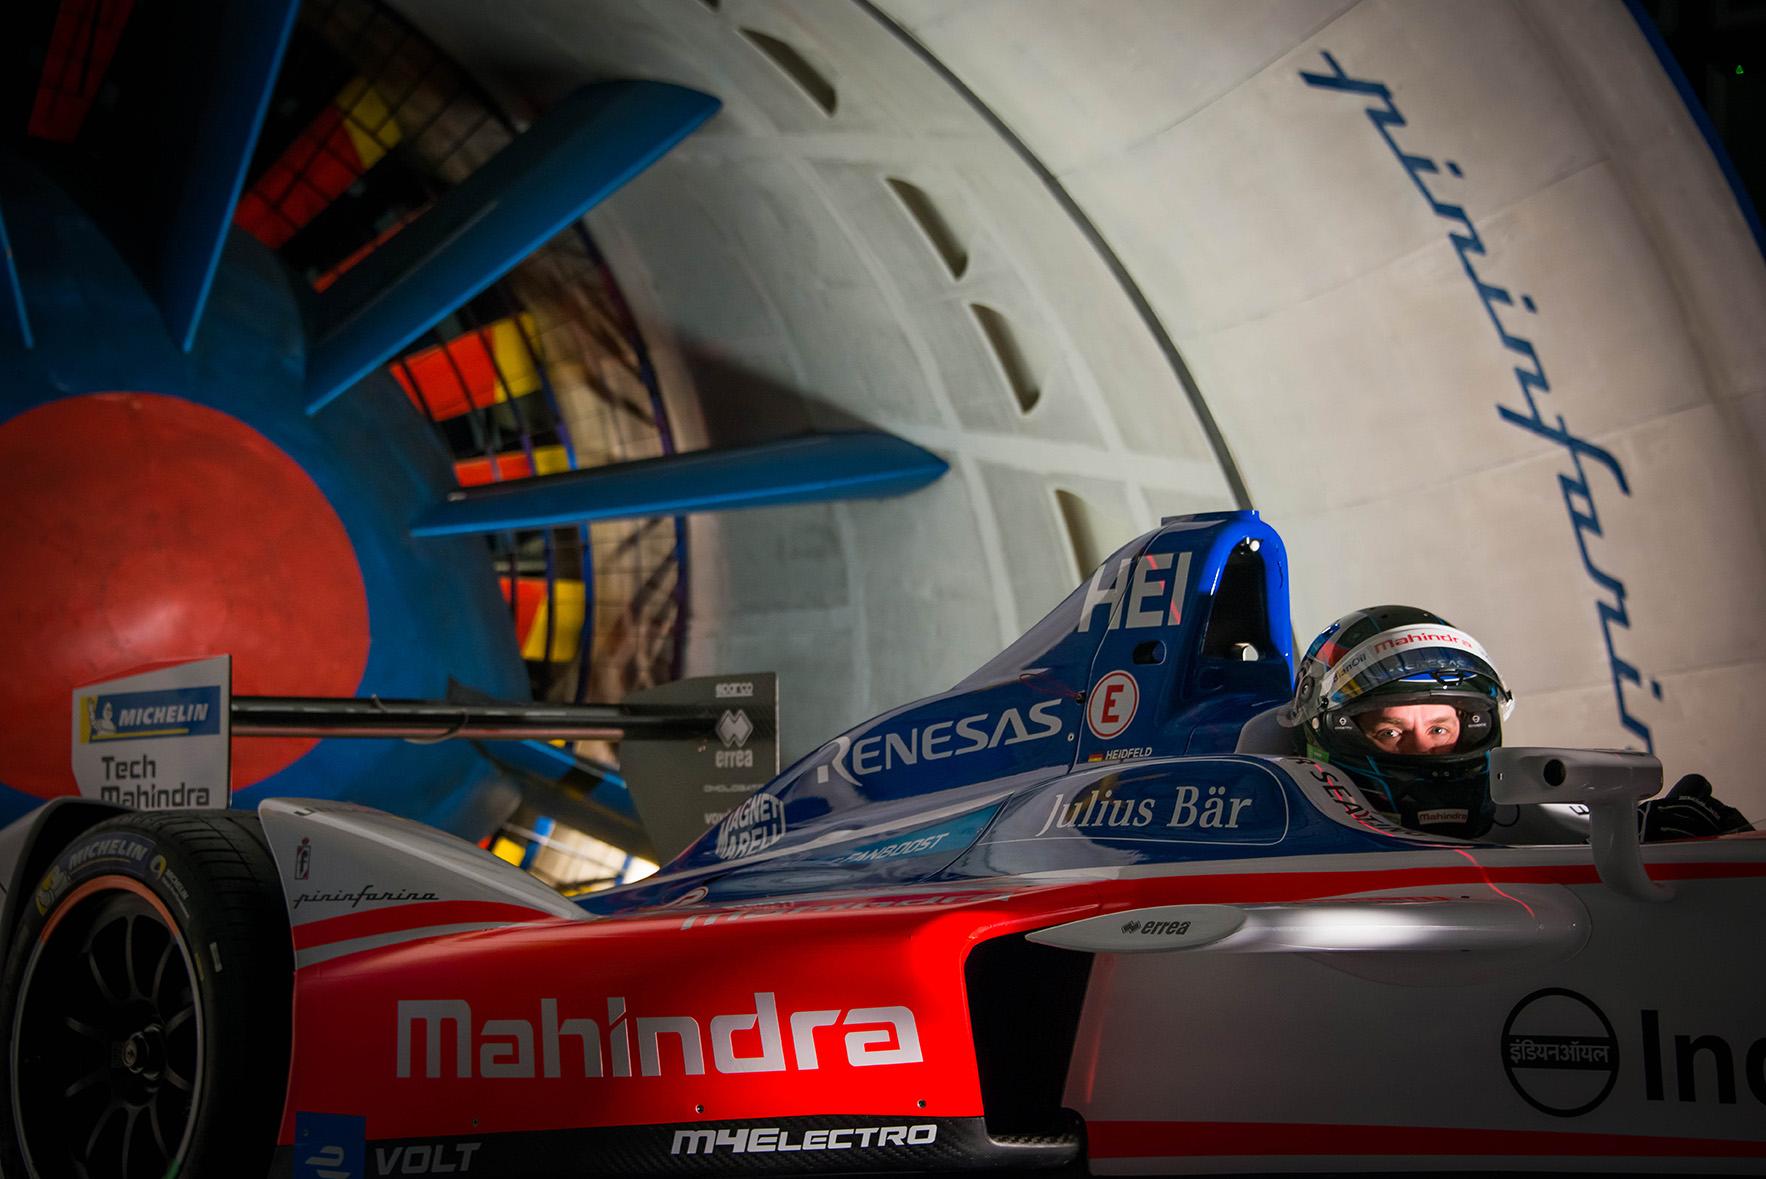 Spacesuit-Media-Marta-Rovatti-Studihrad-FIA-Formula-E-Mahindra-2018MGR_4710